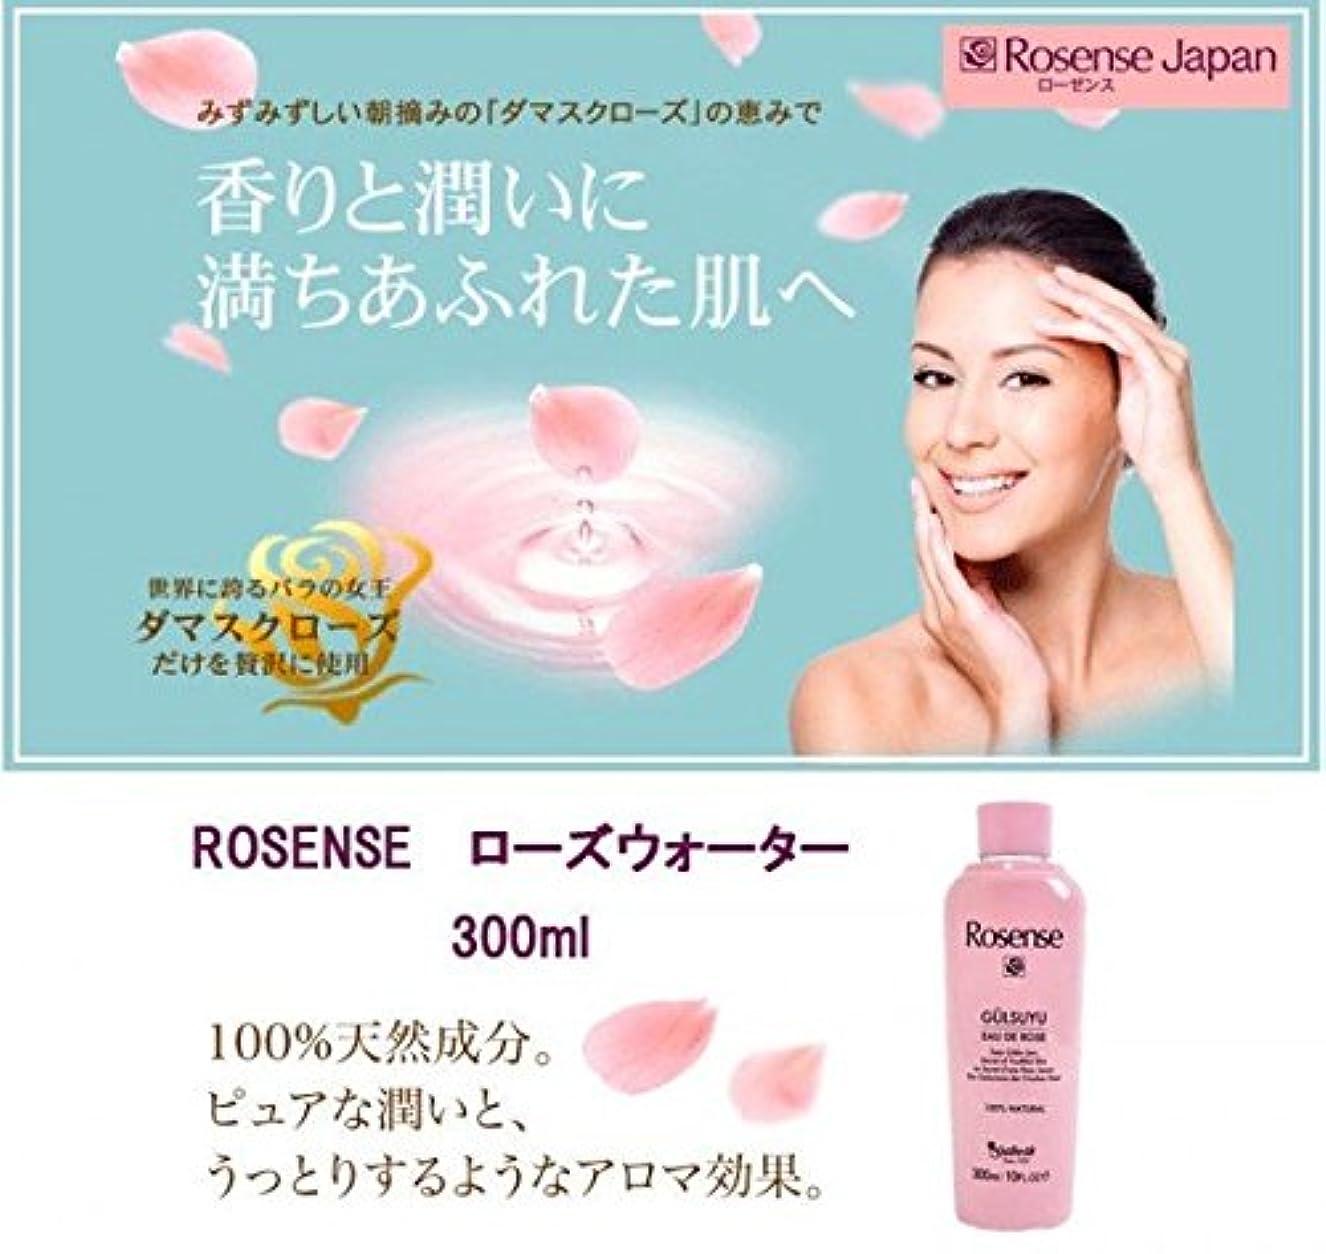 制限する嘆願シャーロットブロンテROSENSE ローズウォーター 300ml バラの芳醇な香りに包まれながら お肌を整えます